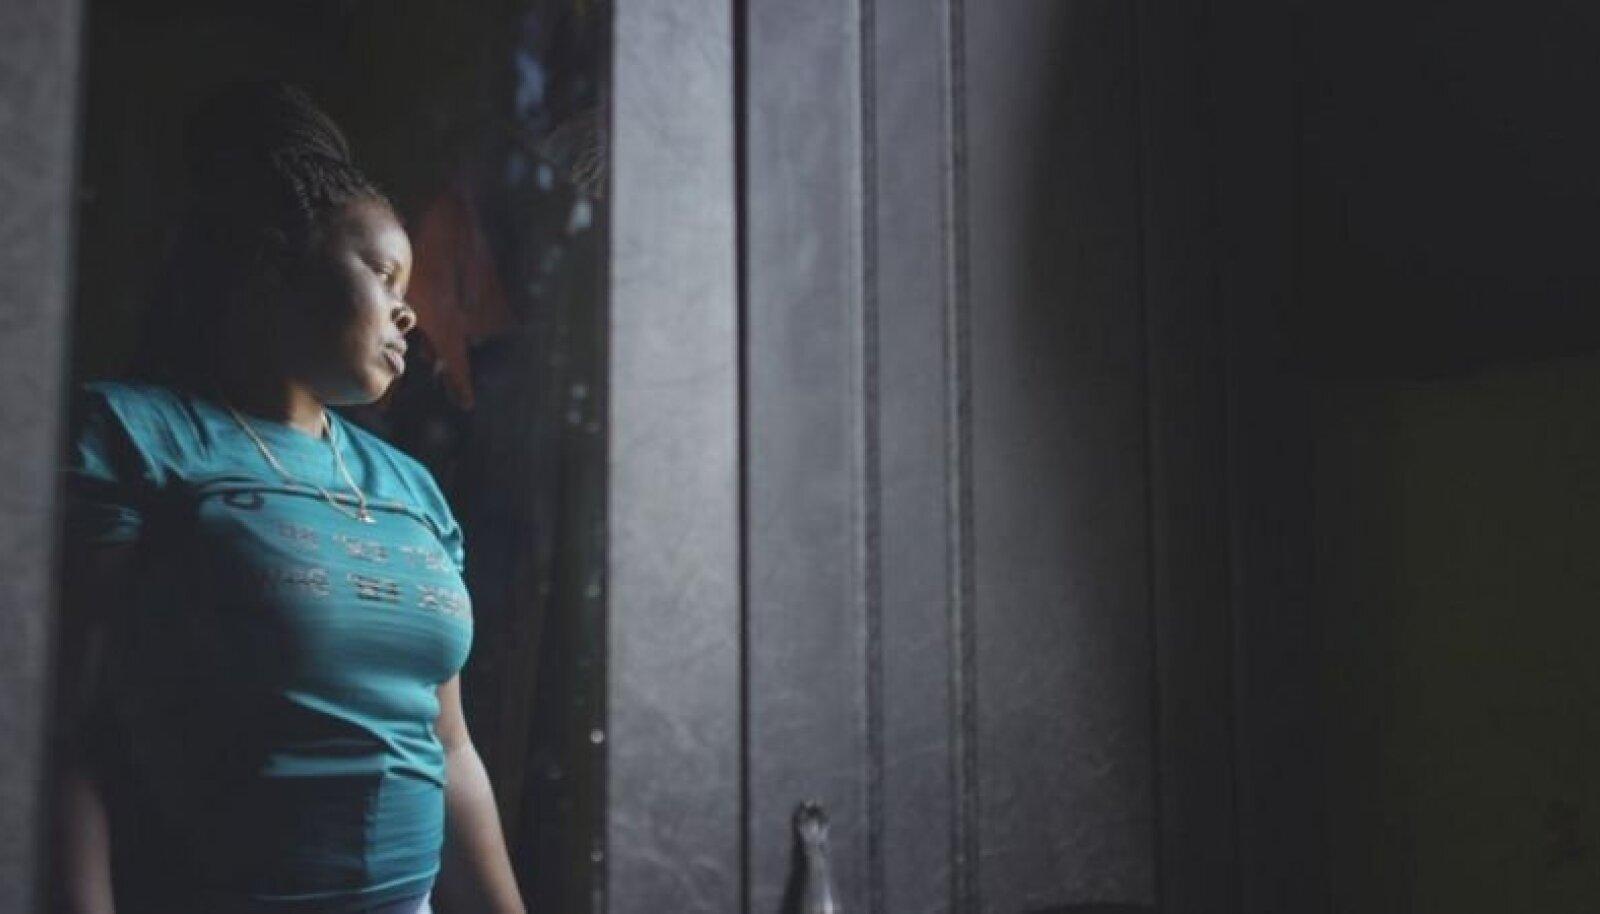 Зишило Длудлу стерилизовали во время третьих родов, но она говорит, что не давала согласия на операцию